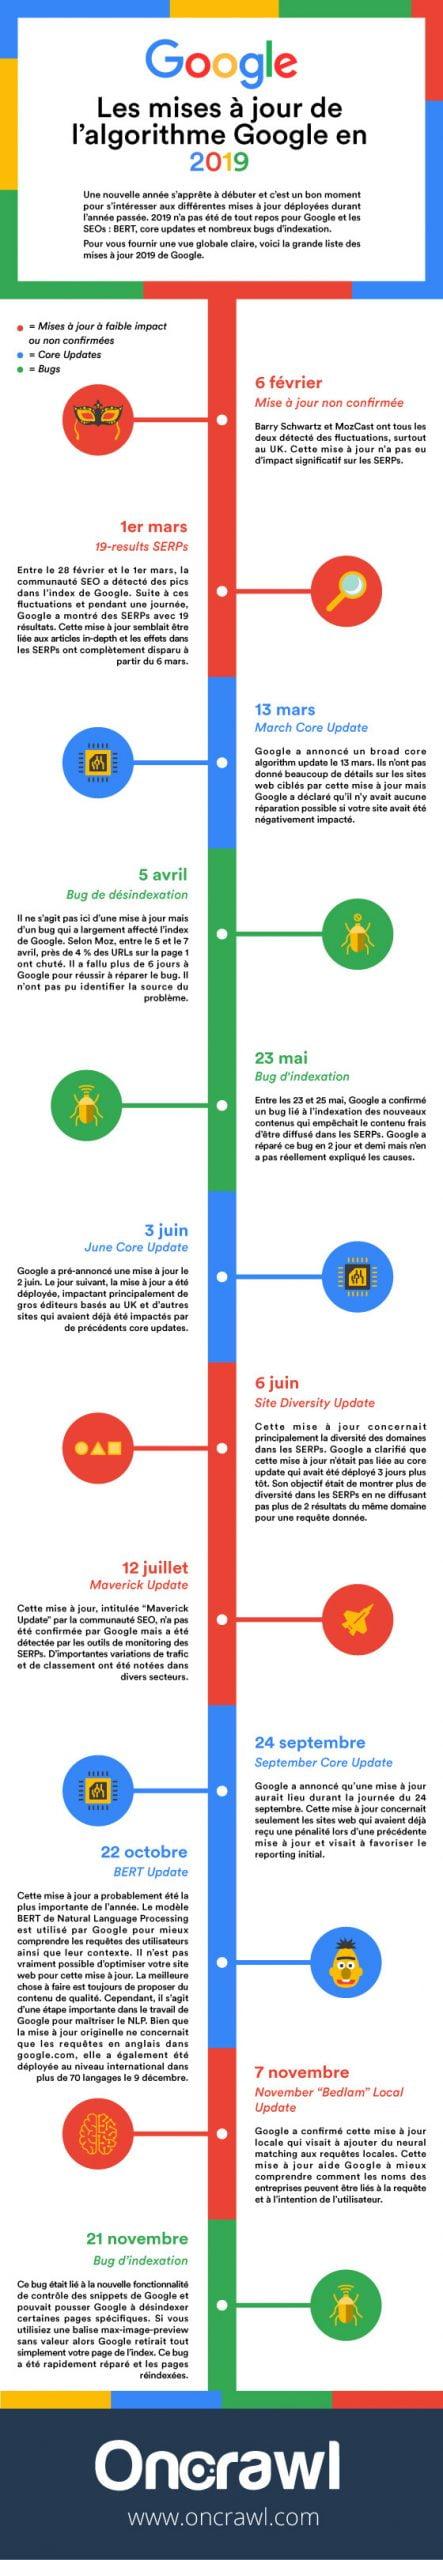 Infographie chronologique des modificatons majeures de Google